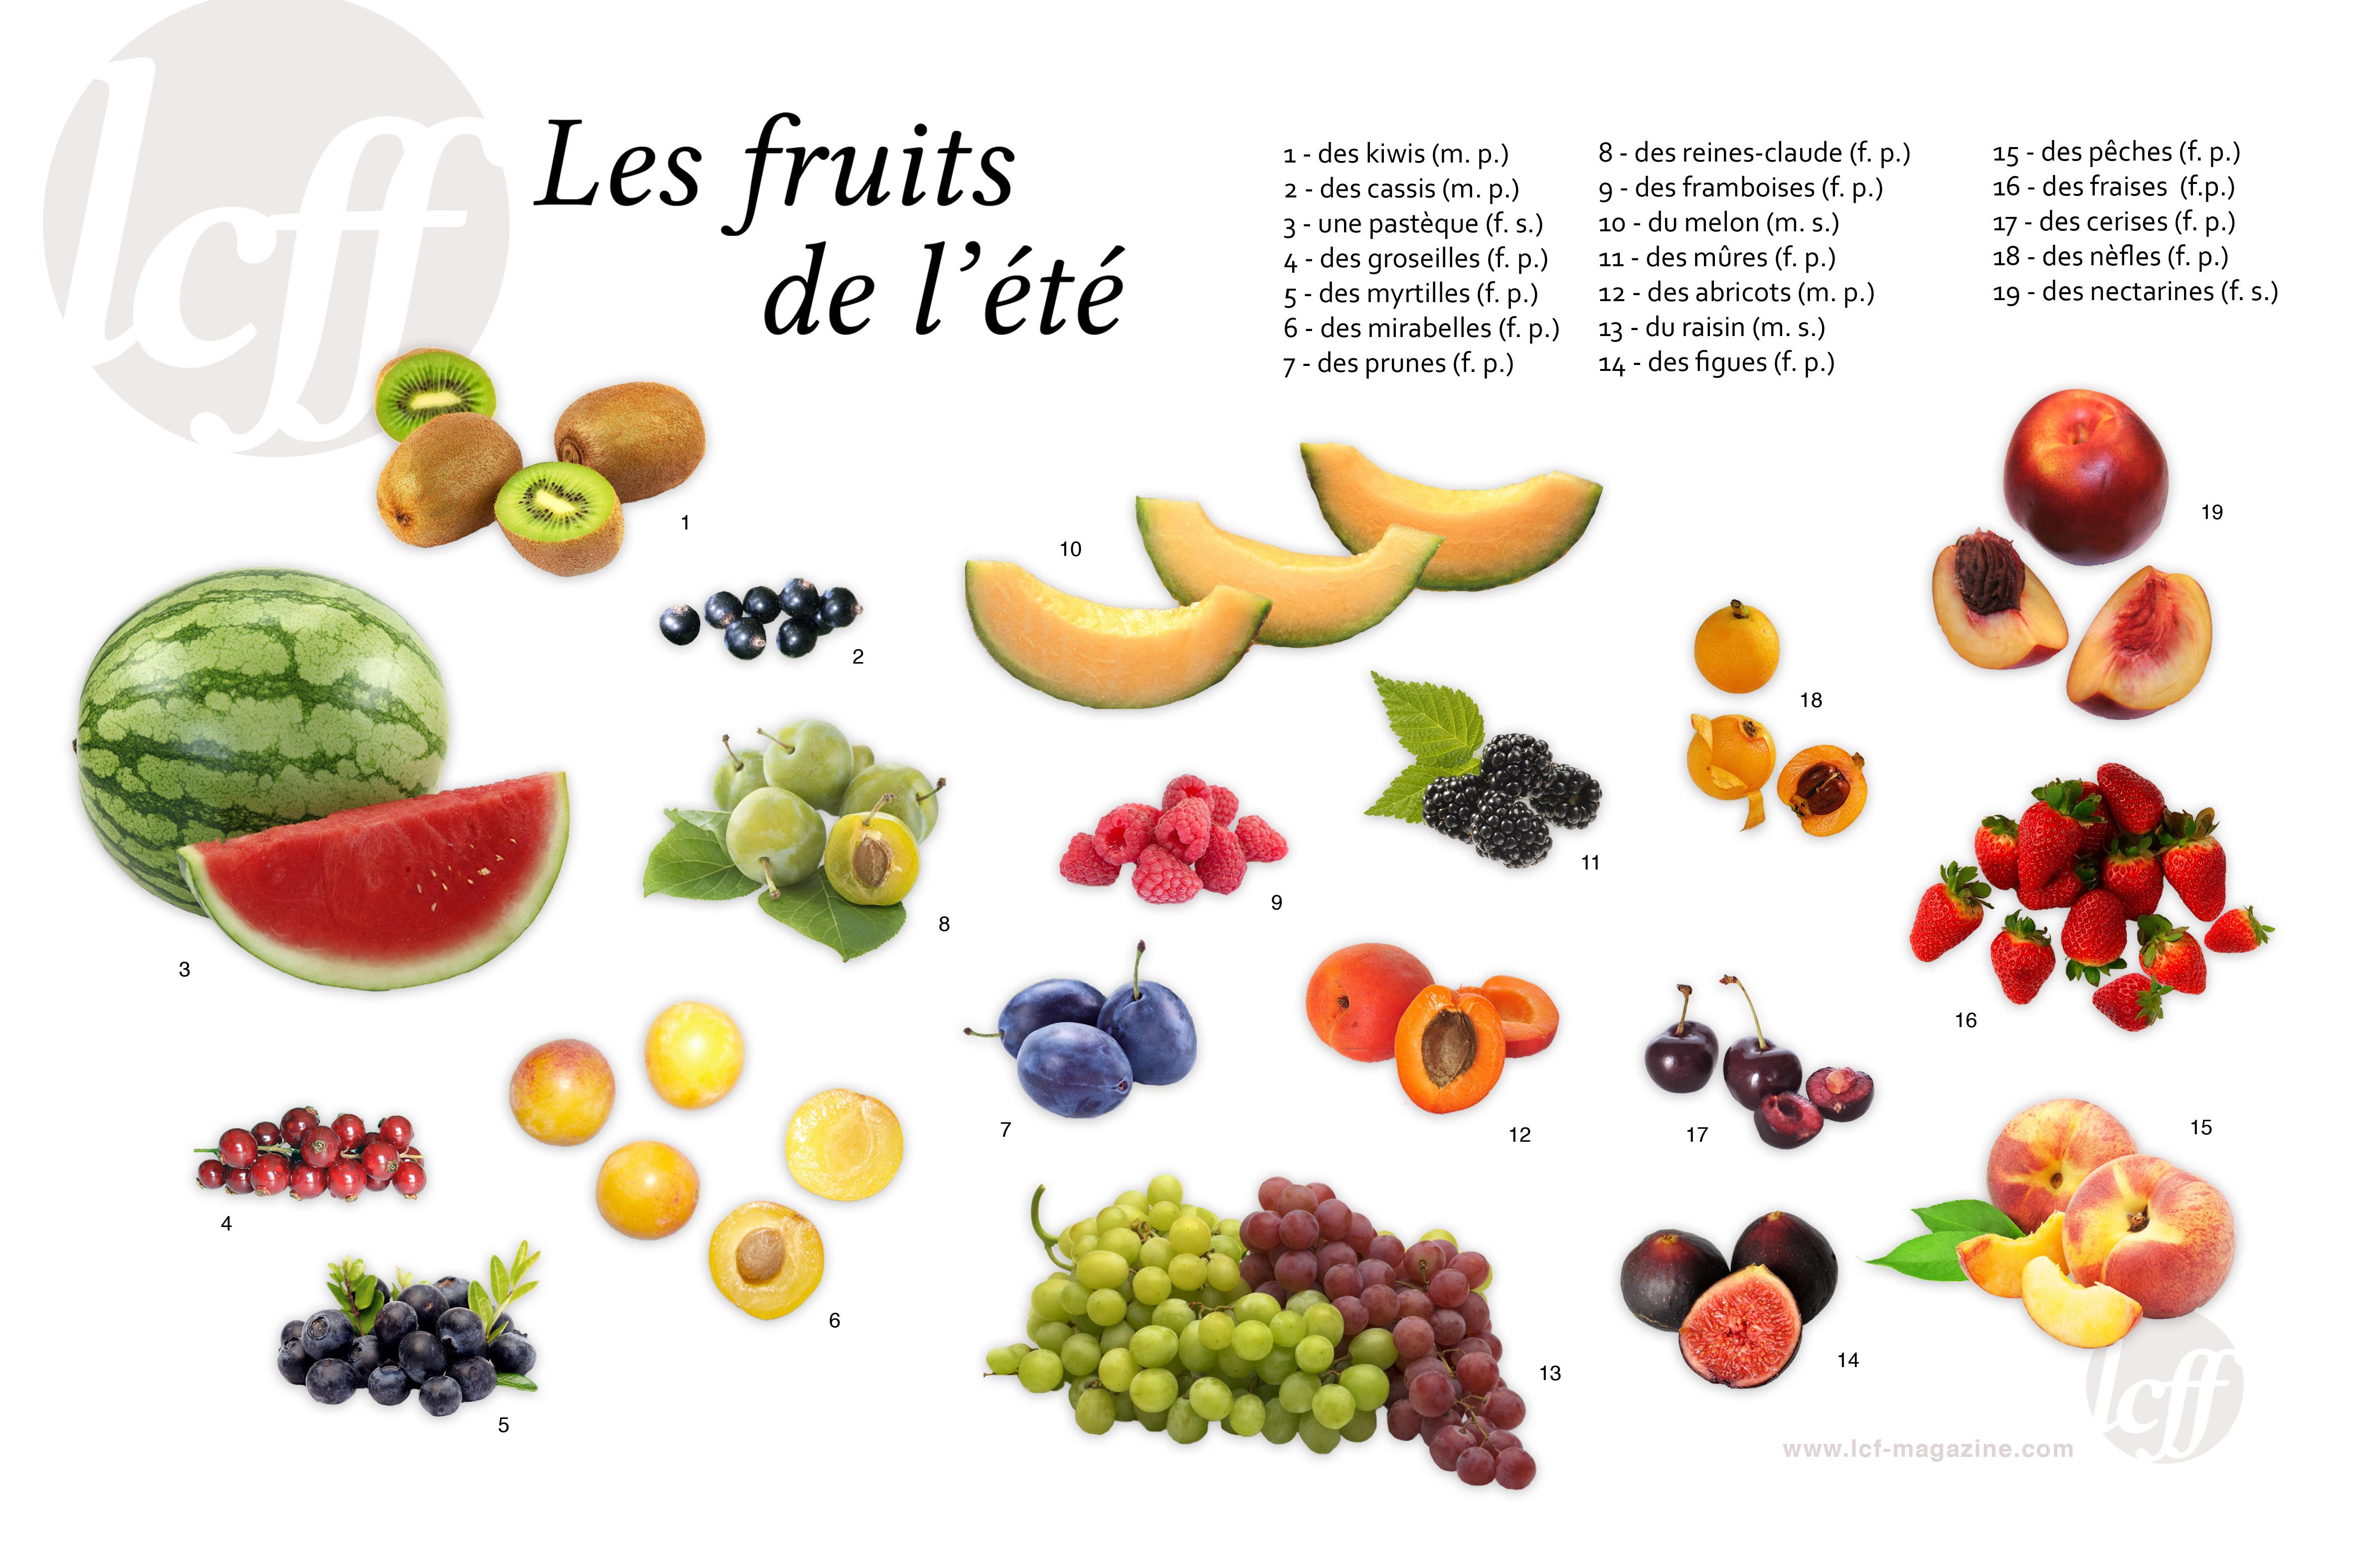 Lcf 31 les fruits de l 39 t lcff - Liste fruits exotiques avec photos ...